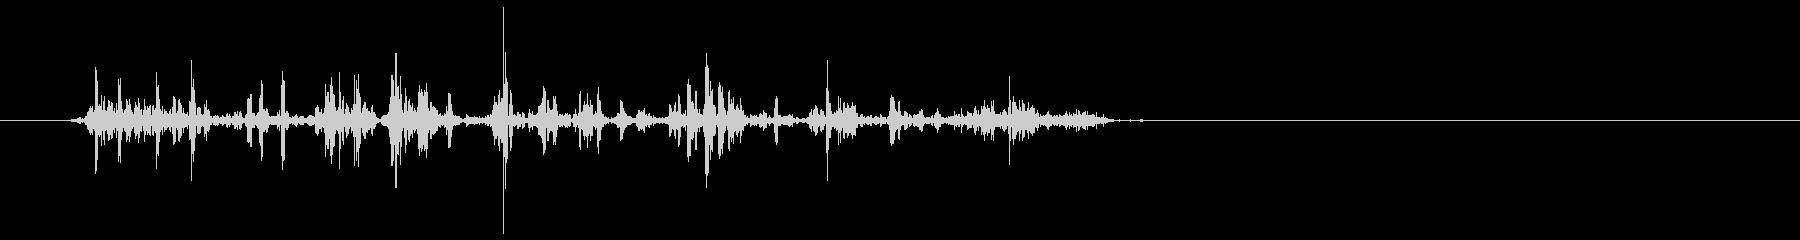 パティオブロックスクレープサイドの未再生の波形